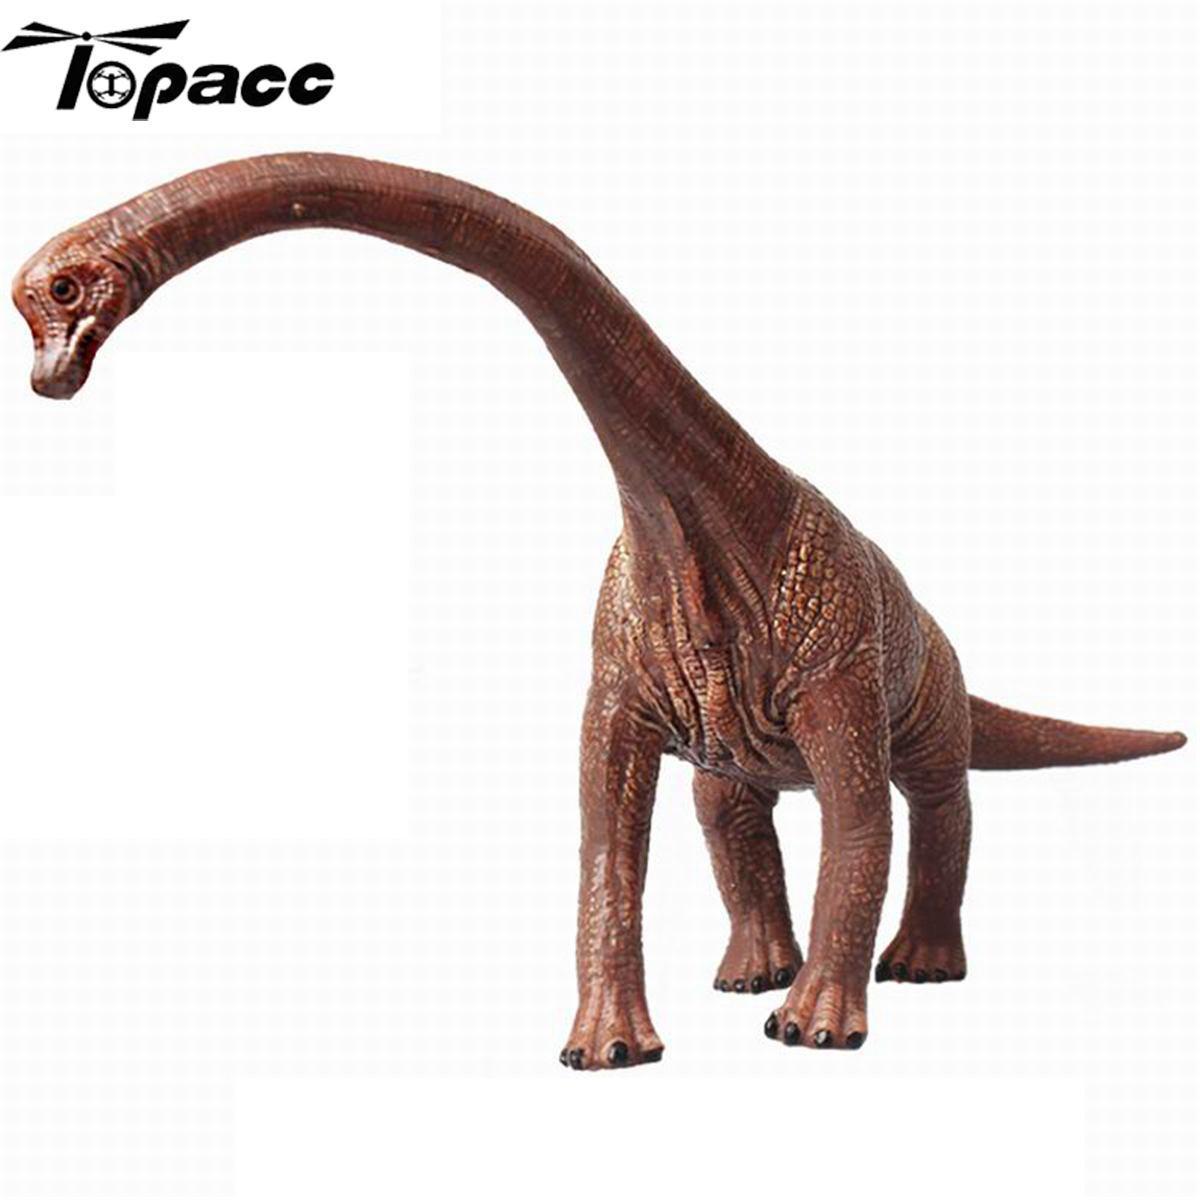 ديناصور اللعب نموذج pvc عمل الشكل الديناصورات المنقولة المنقولة هدية الحياة البرية مجموعة لعب للأطفال أطفال بوي هدية ديكور